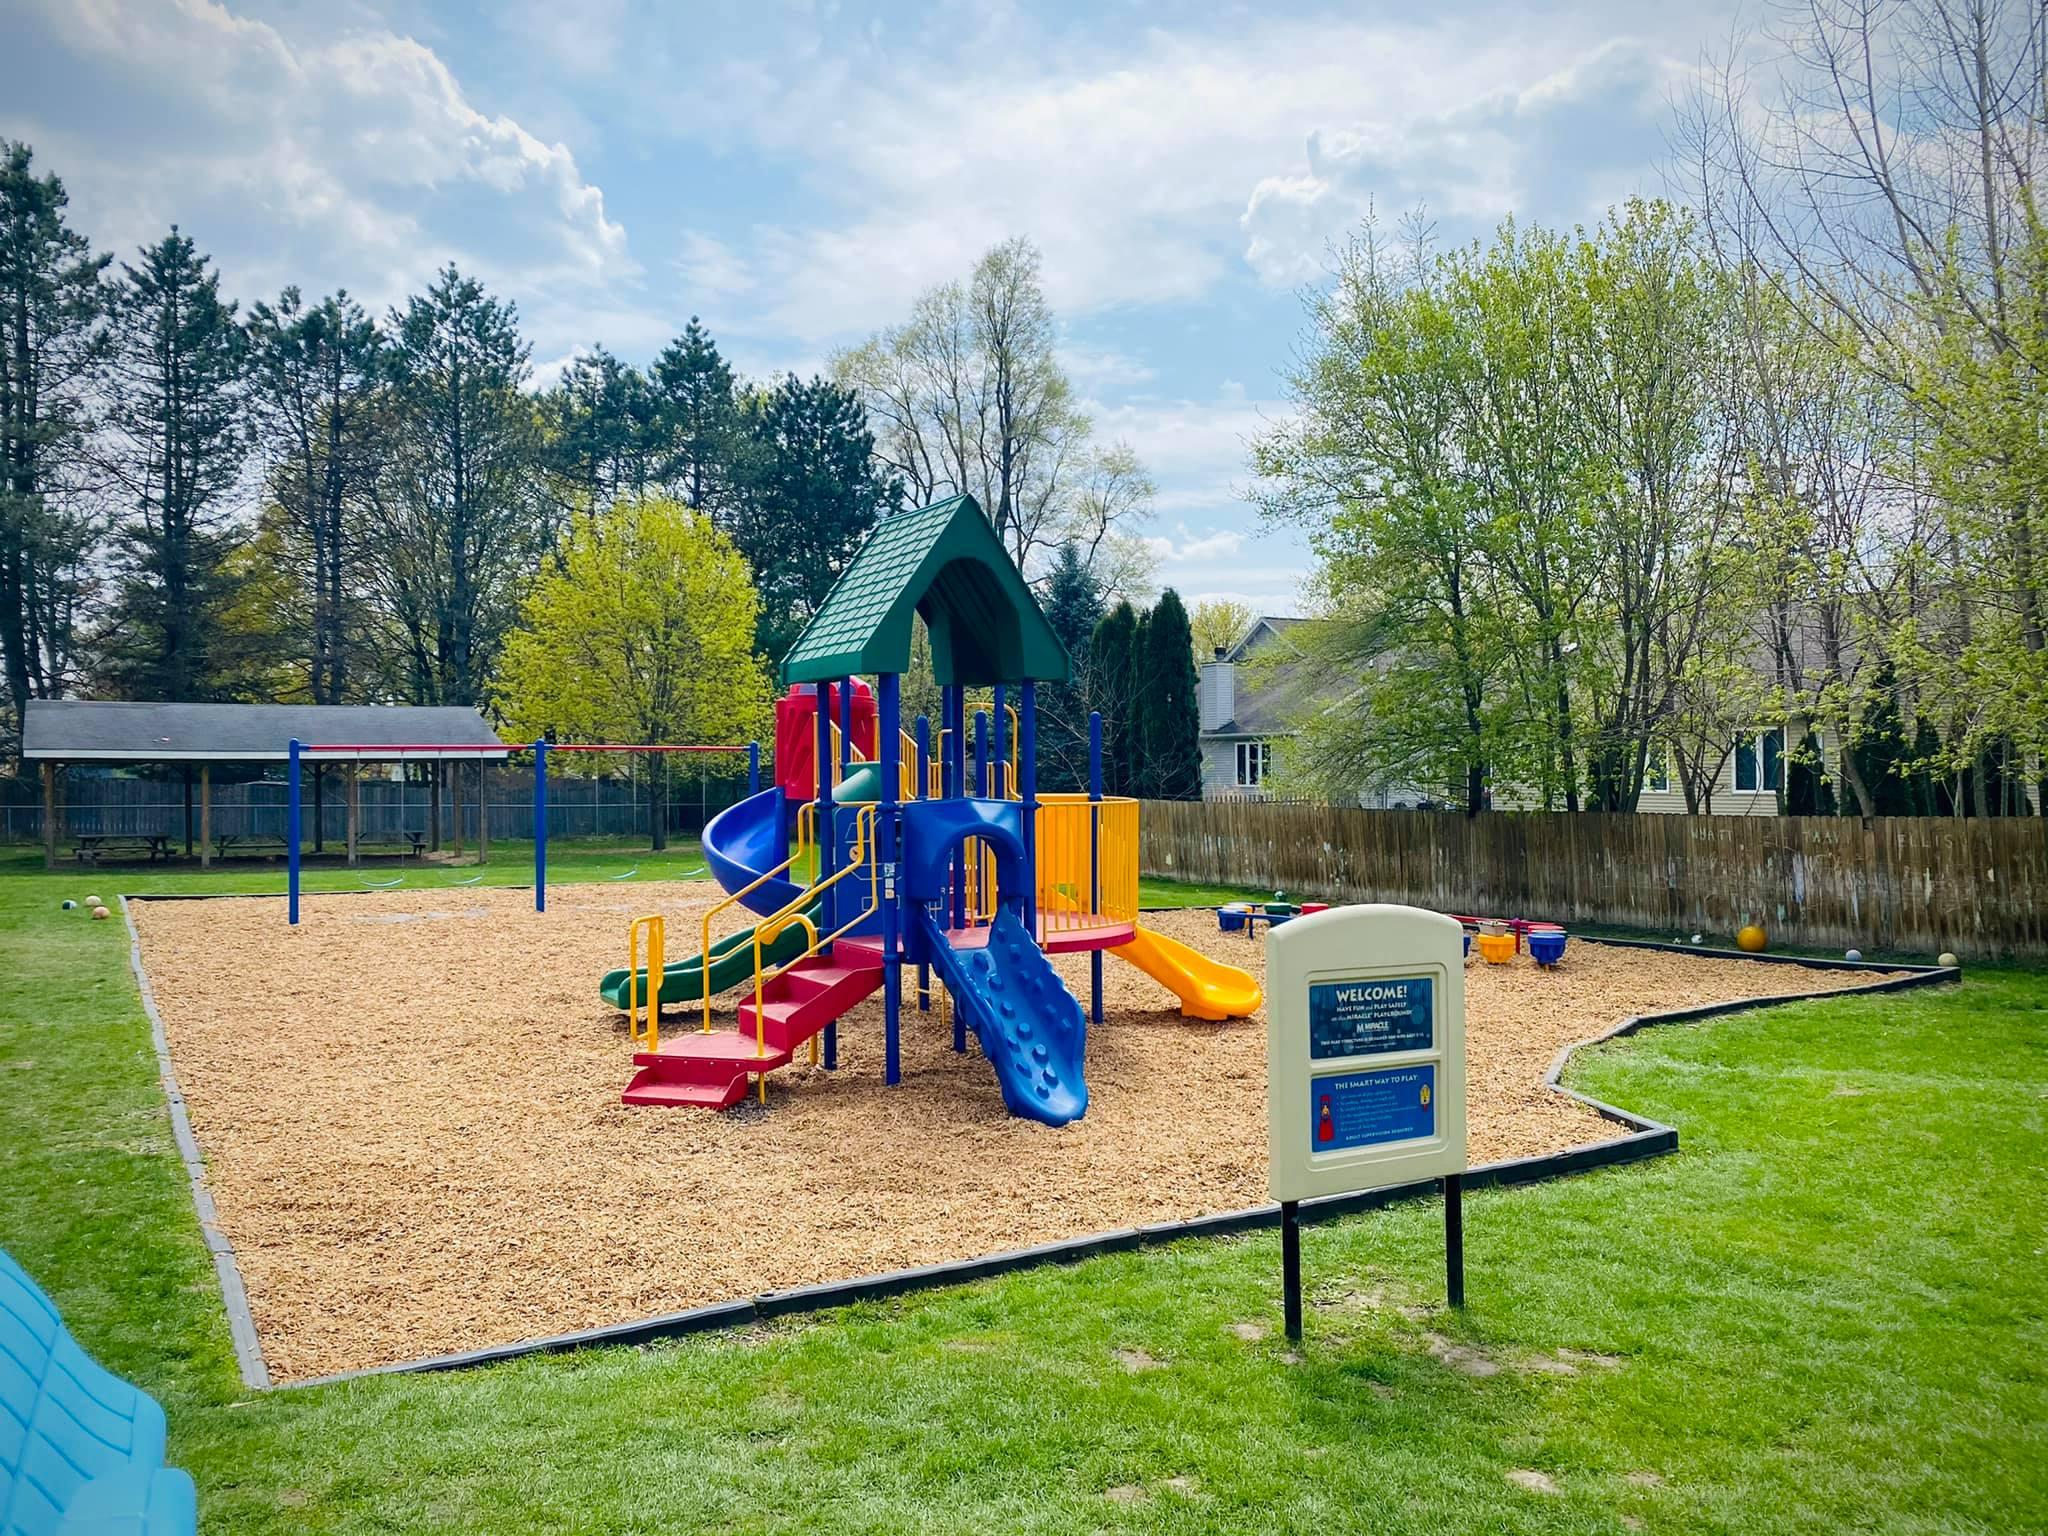 Eastminster Child Development Center